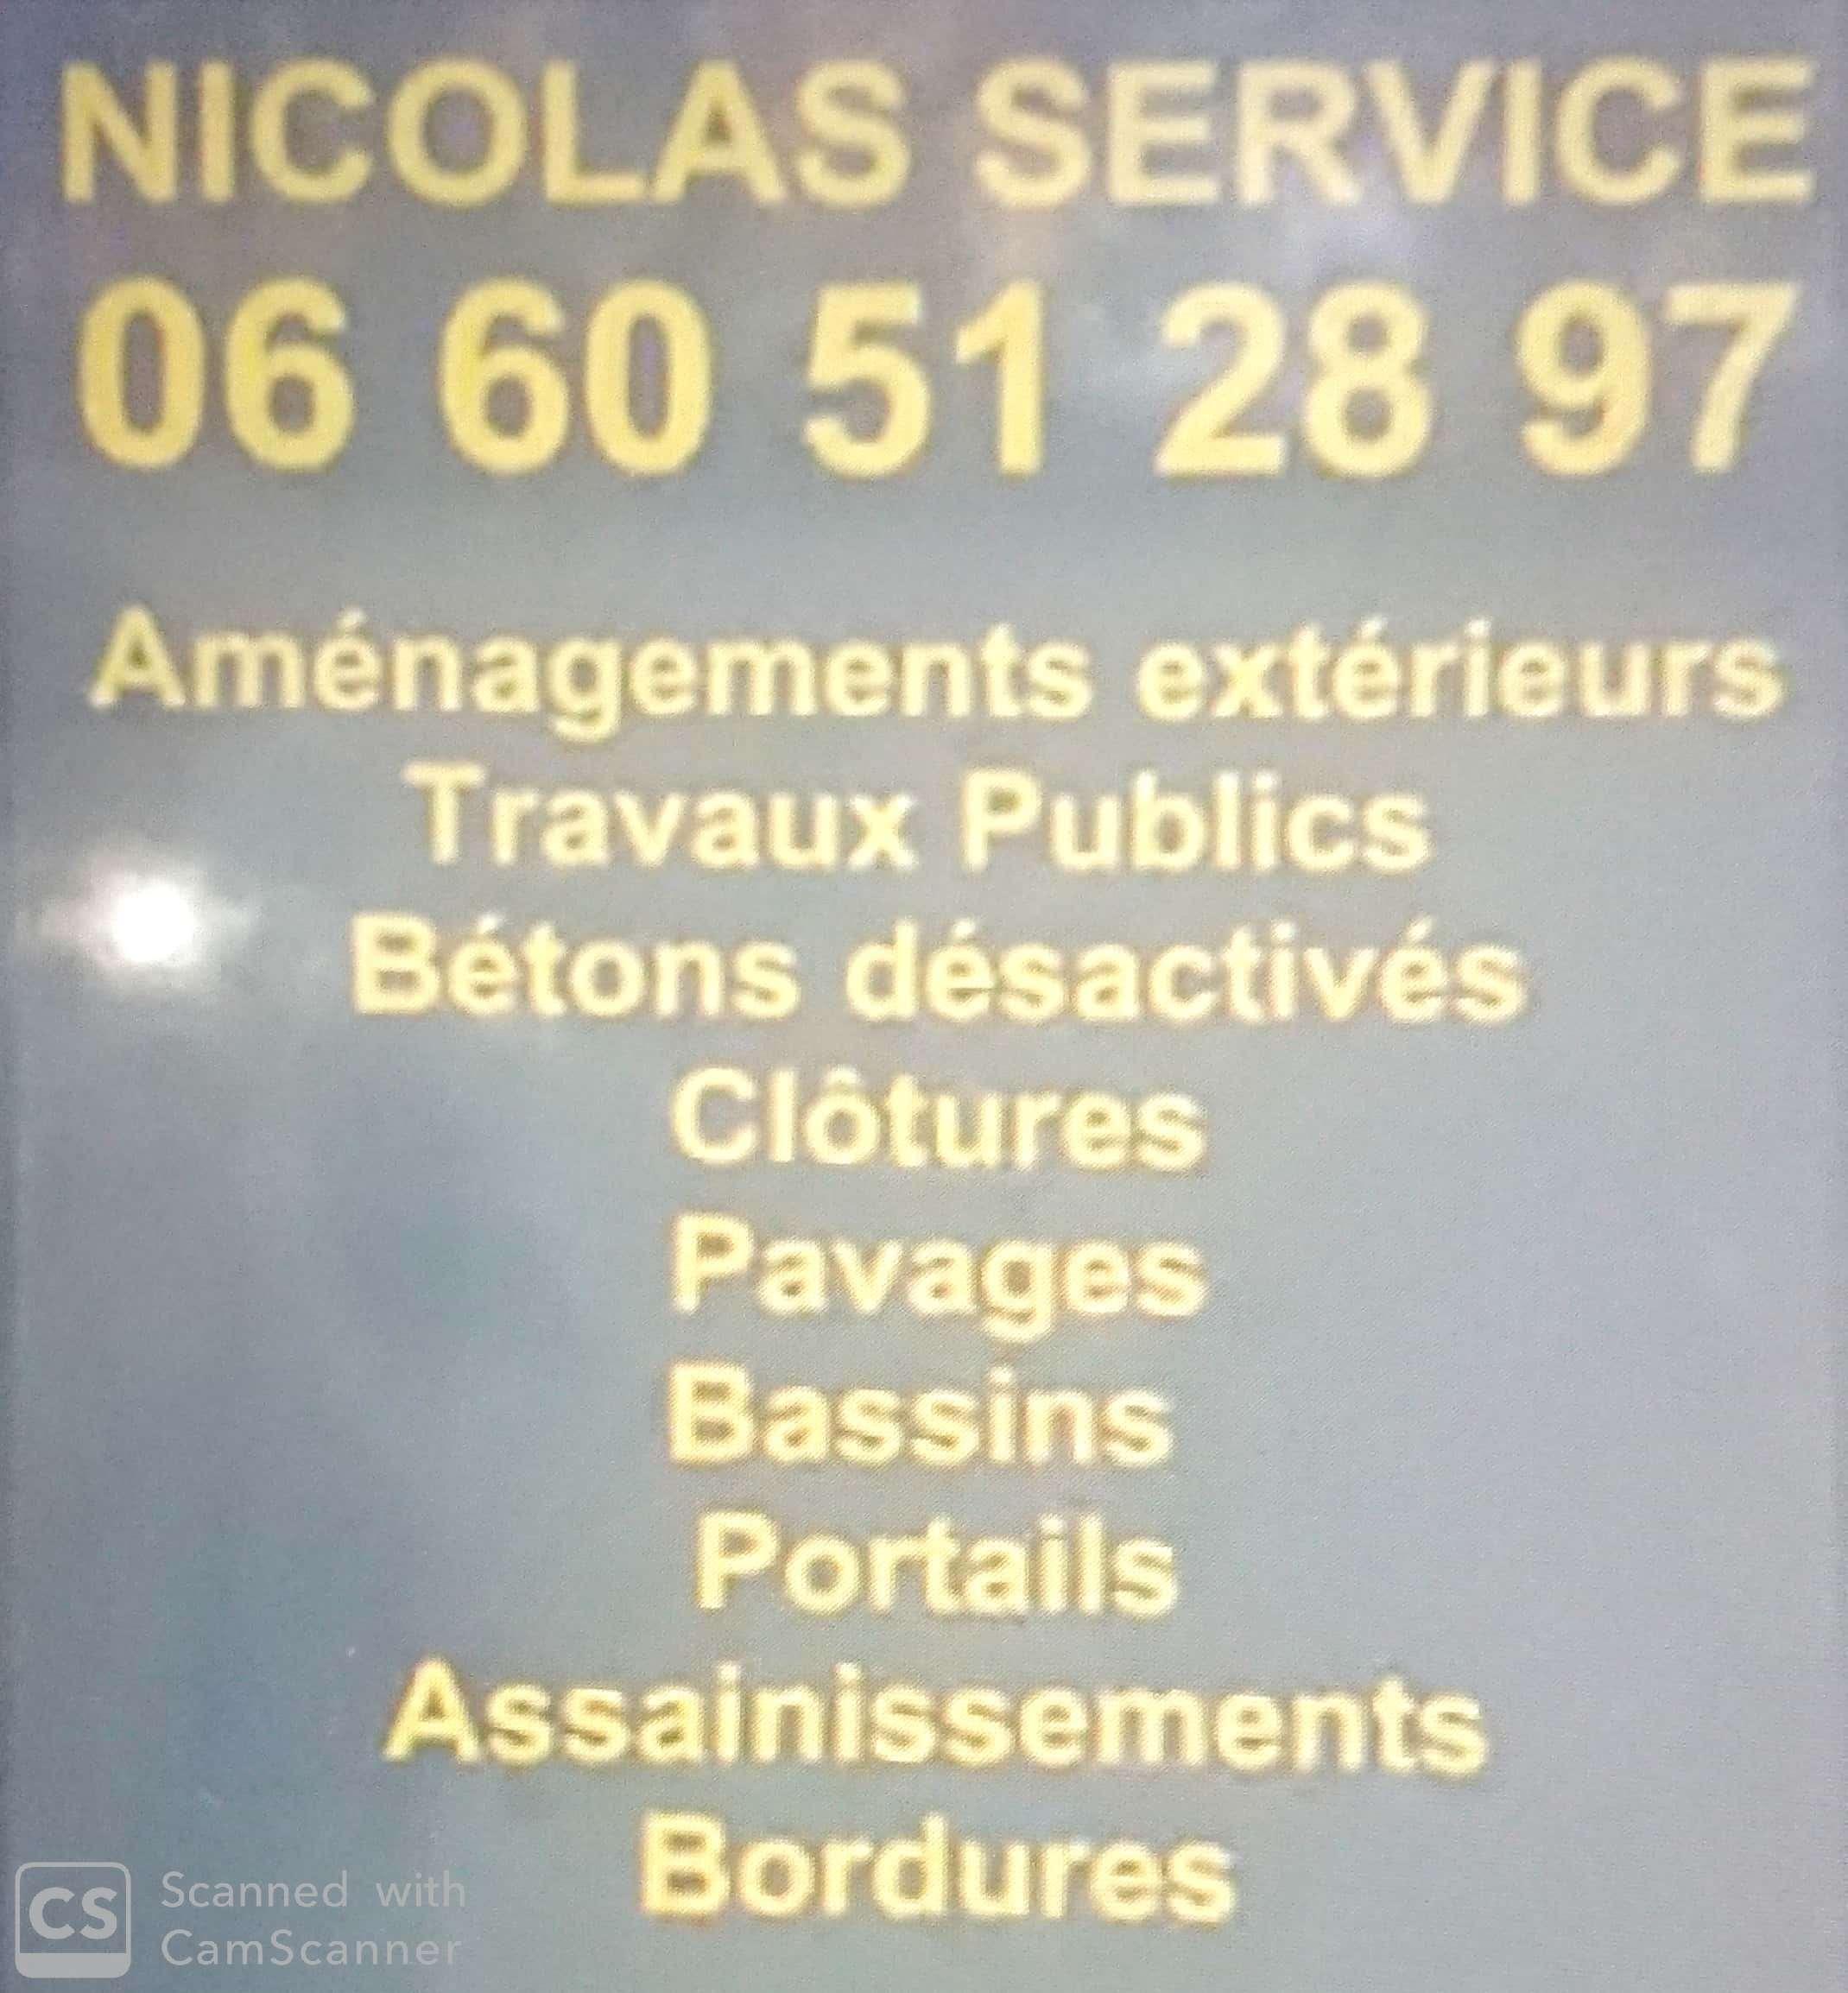 NicolasServices.jpg